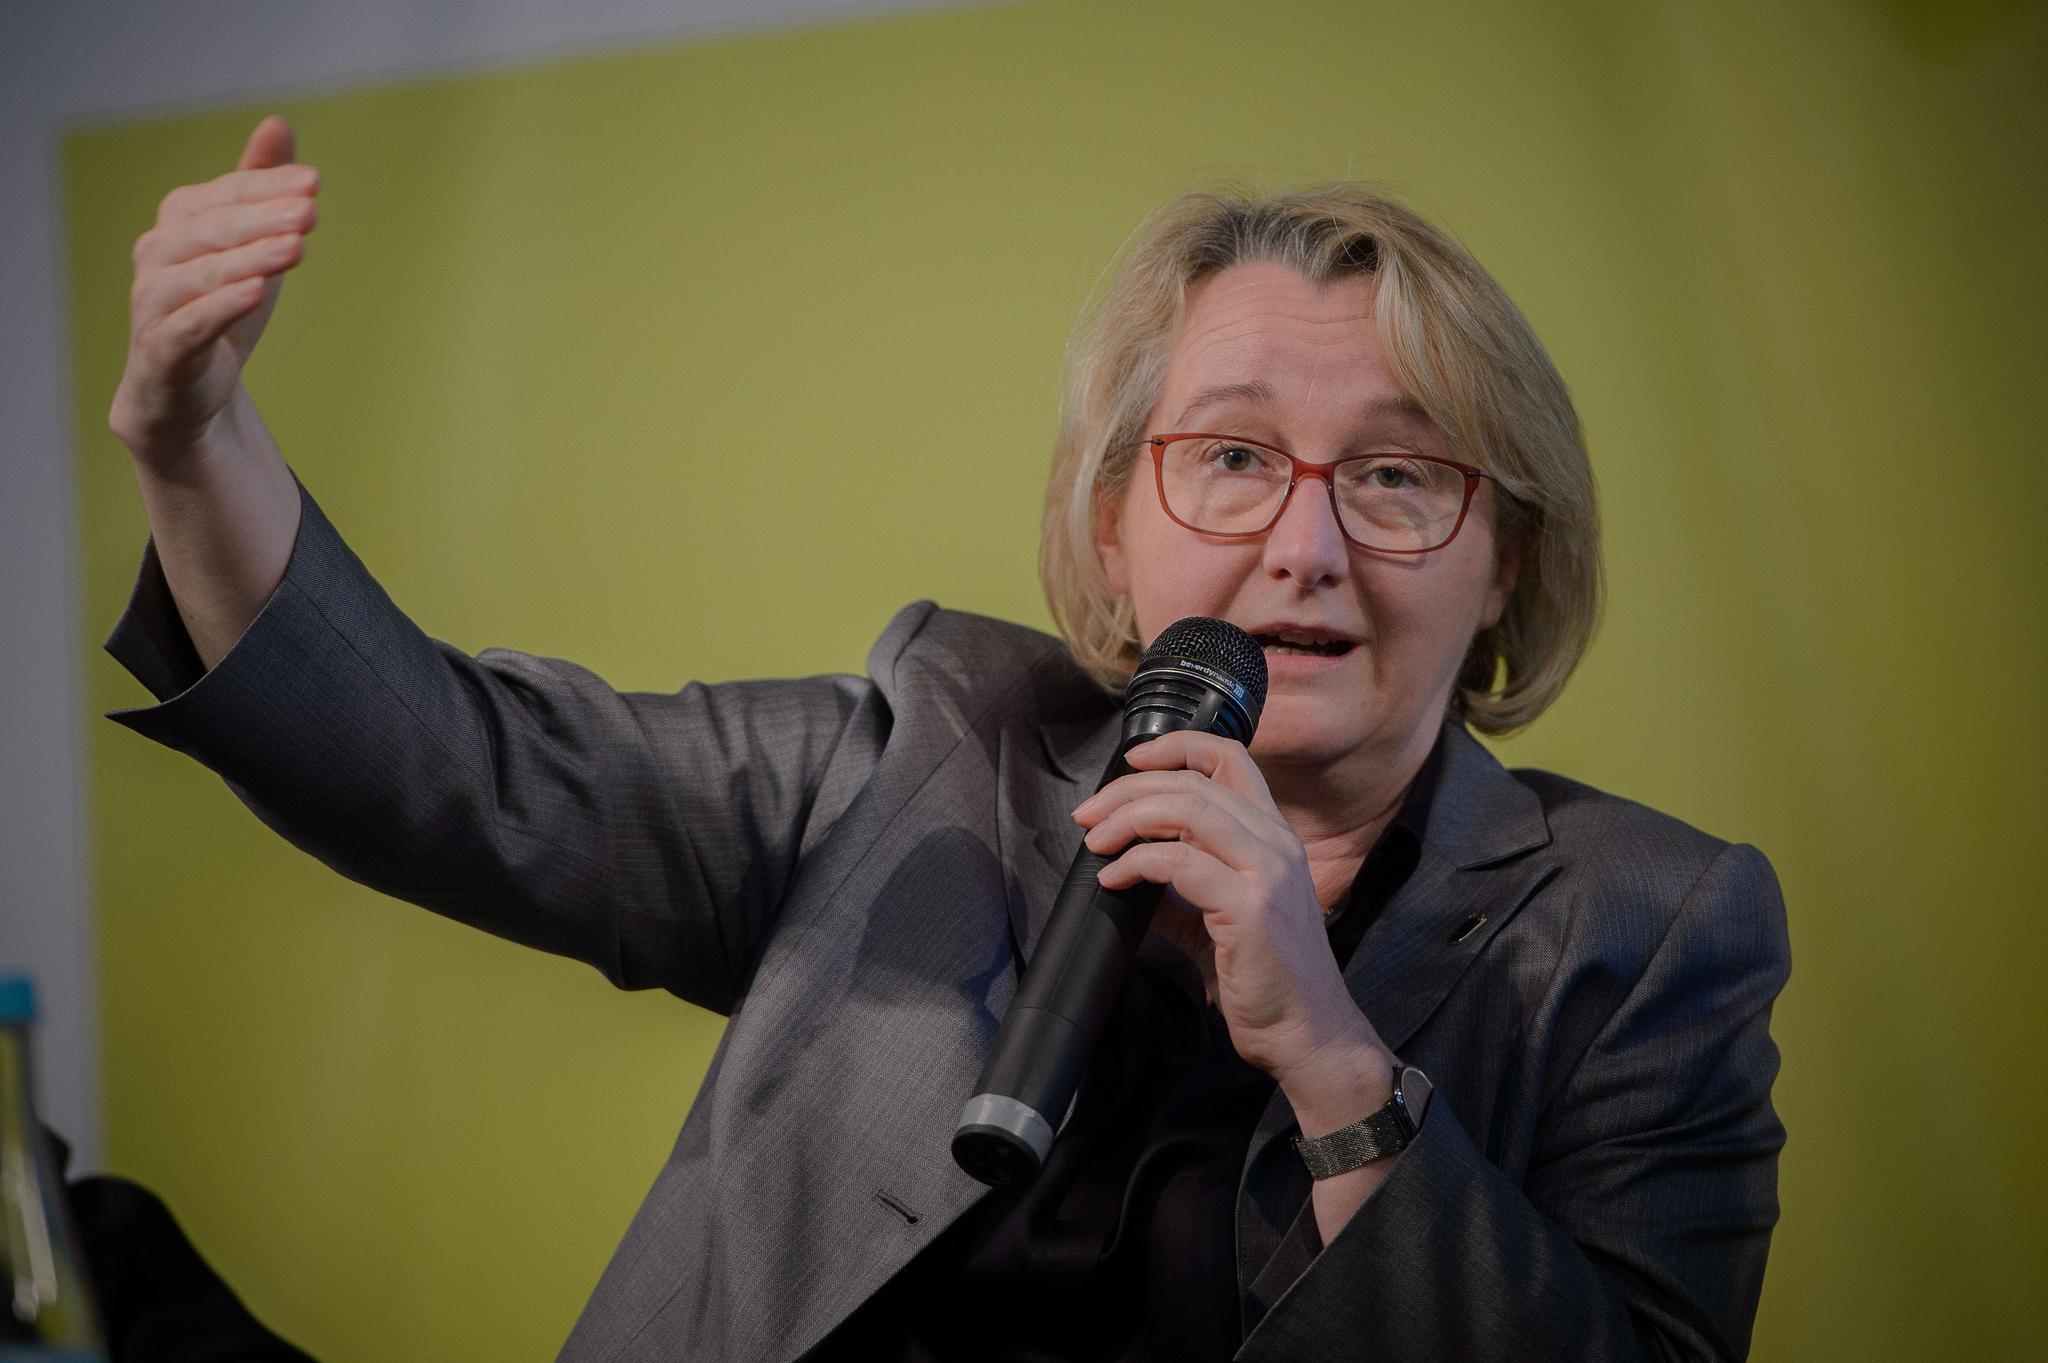 Theresia Bauer. Foto: Stephan Röhl (CC-BY SA 2.0)